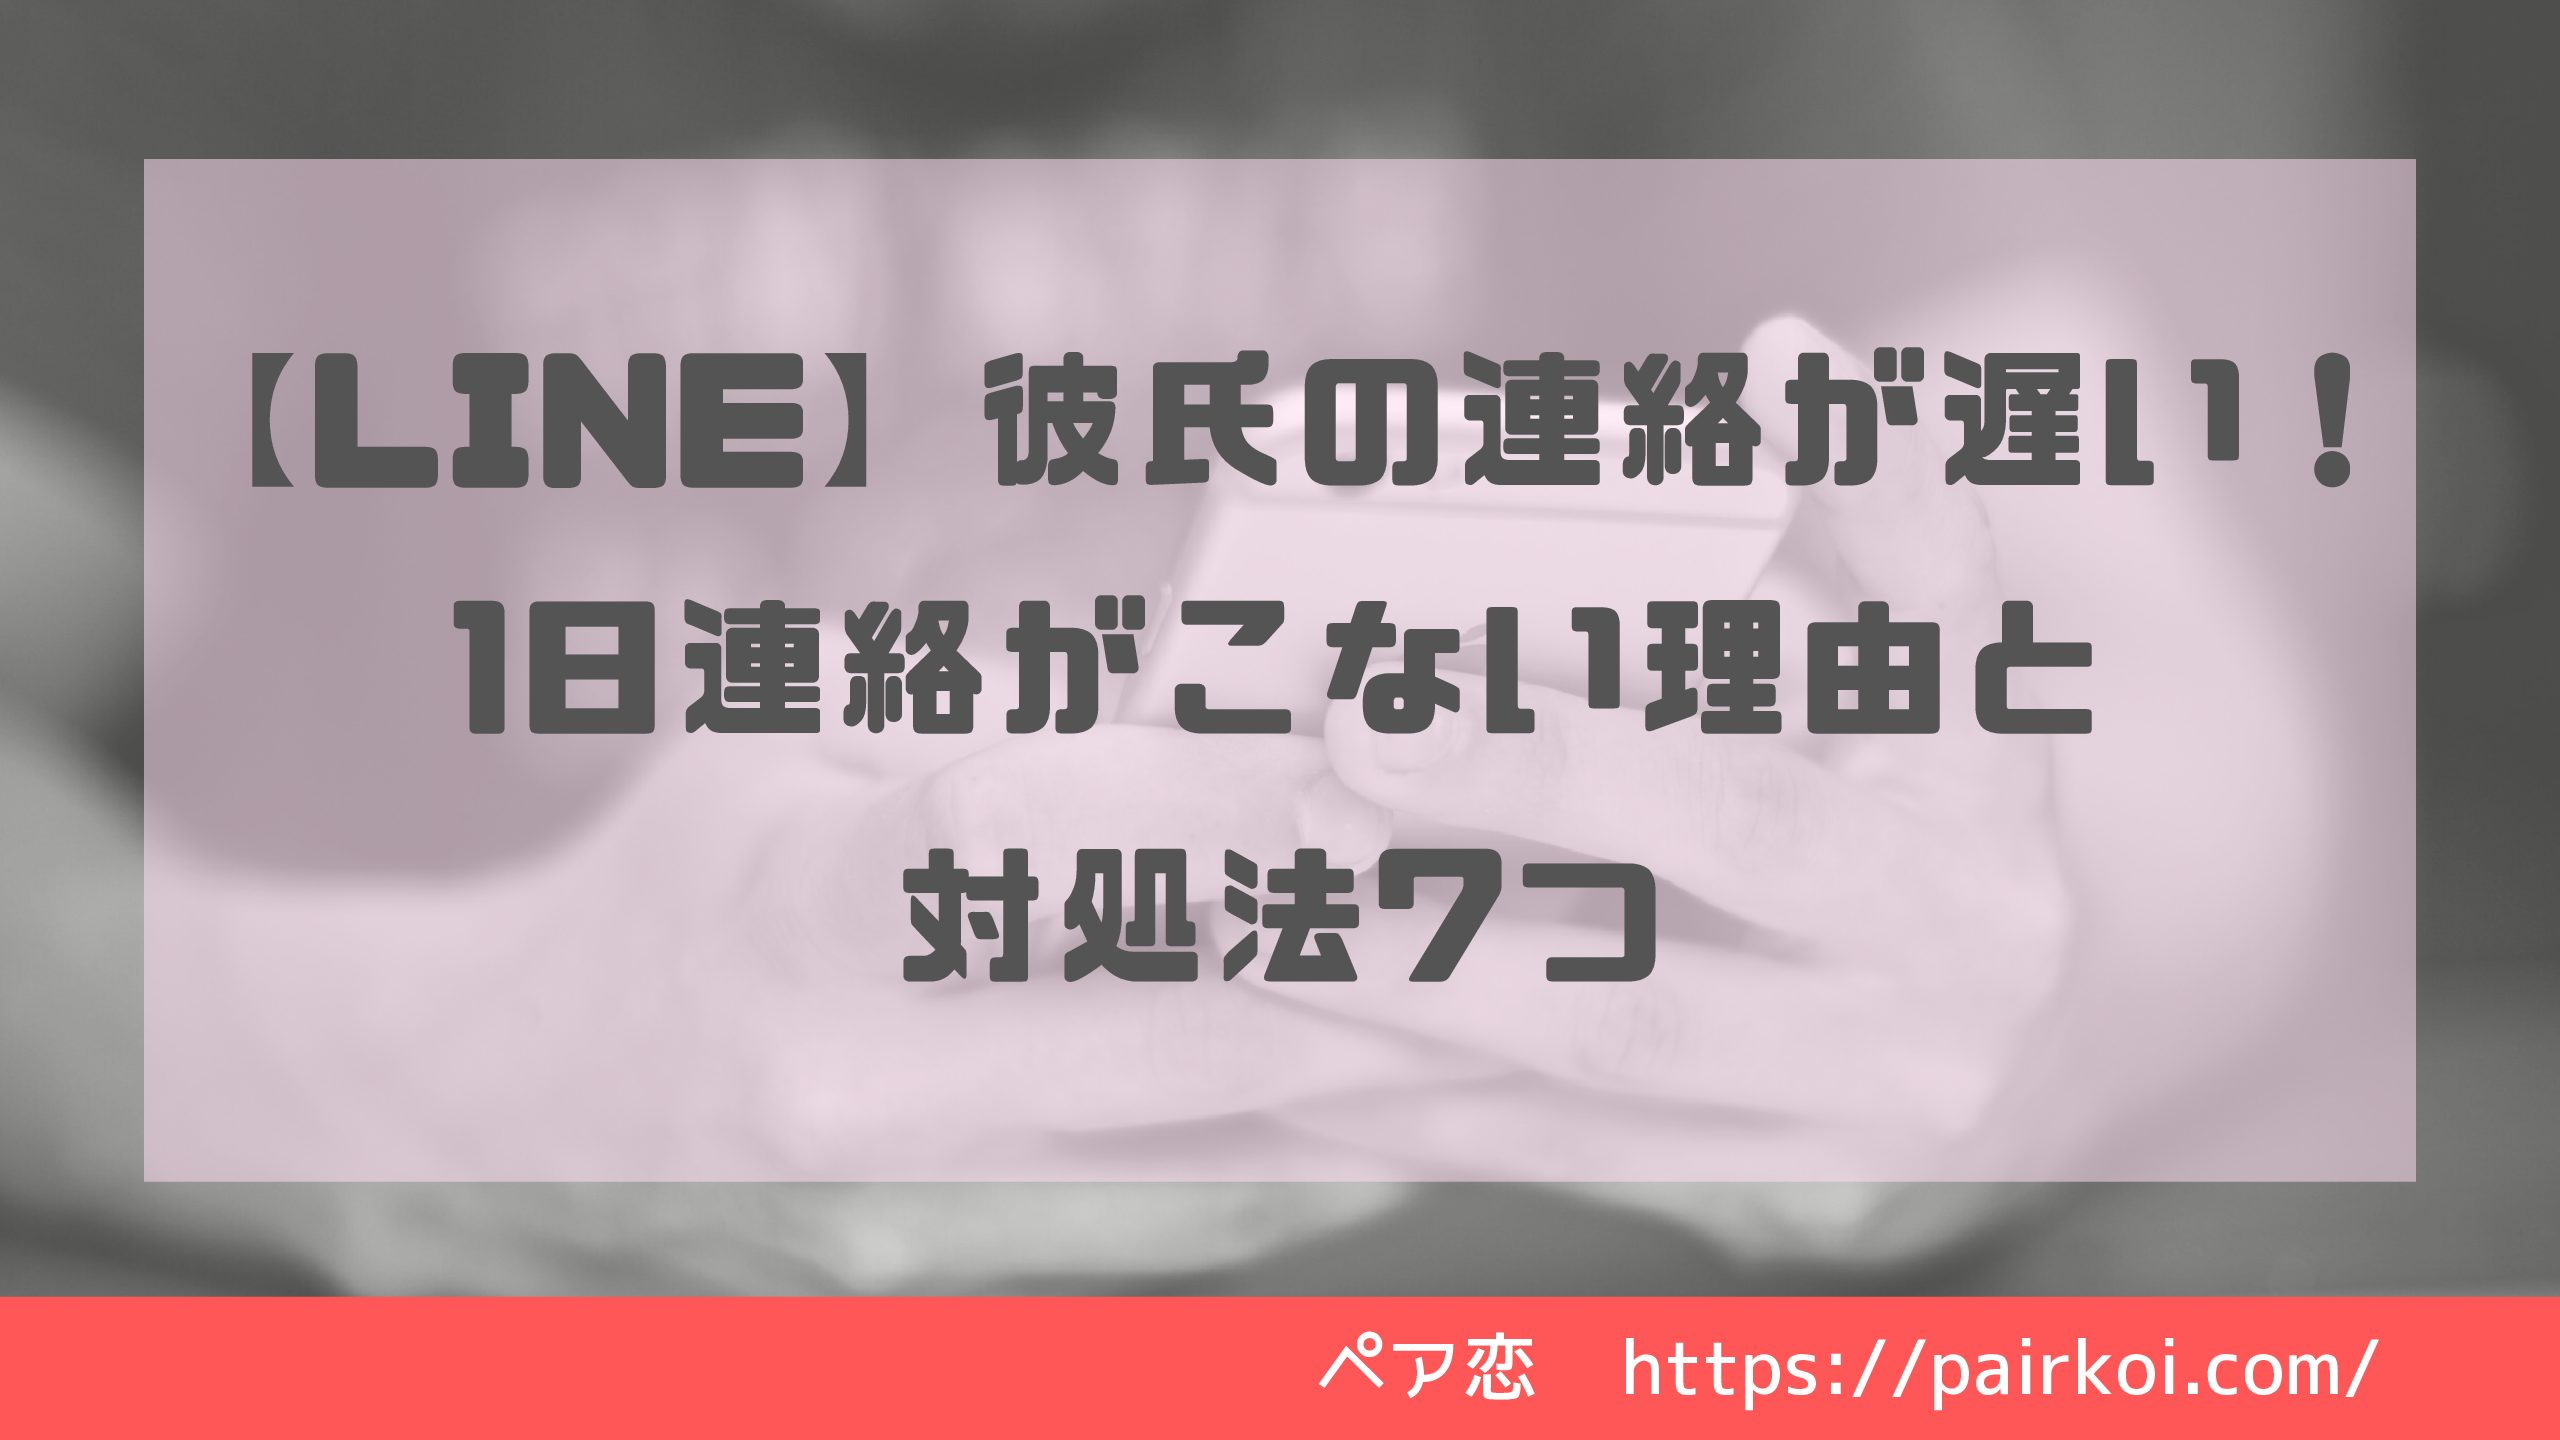 【LINE】彼氏の連絡が遅い!1日連絡がこない理由と対処法7つ